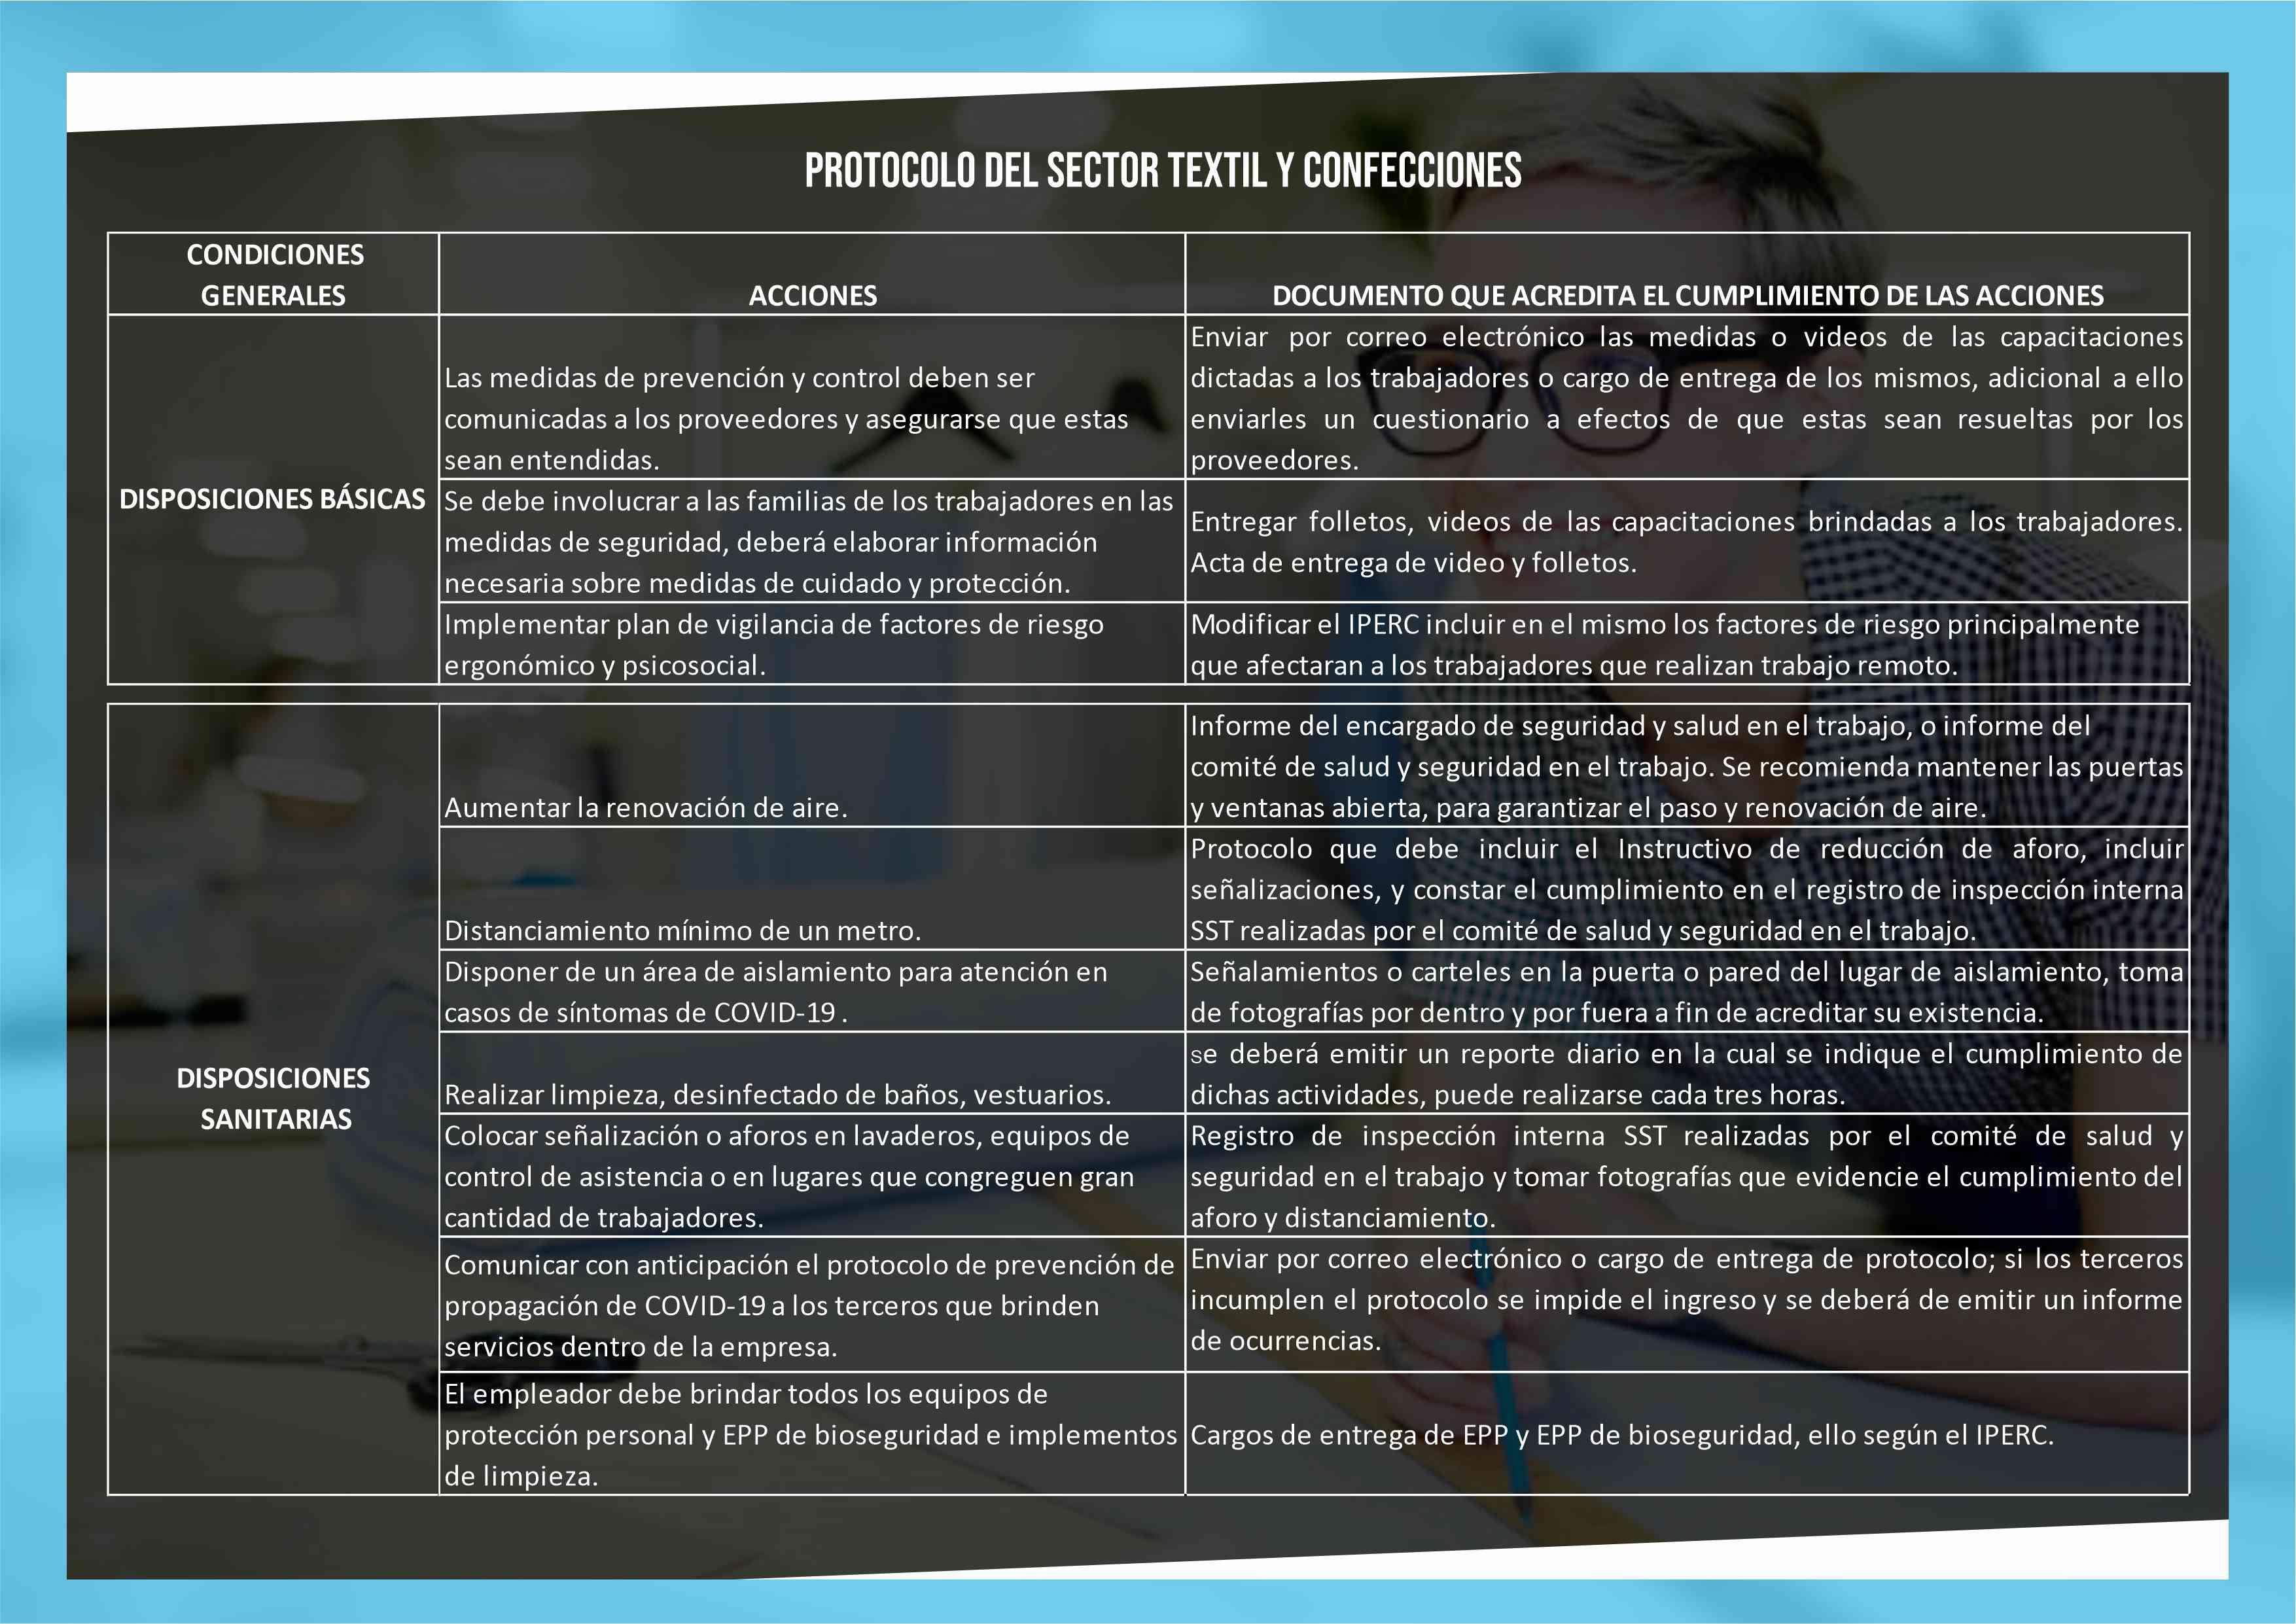 2-PROTOCOLO DEL SECTOR TEXTIL Y CONFECCIONES